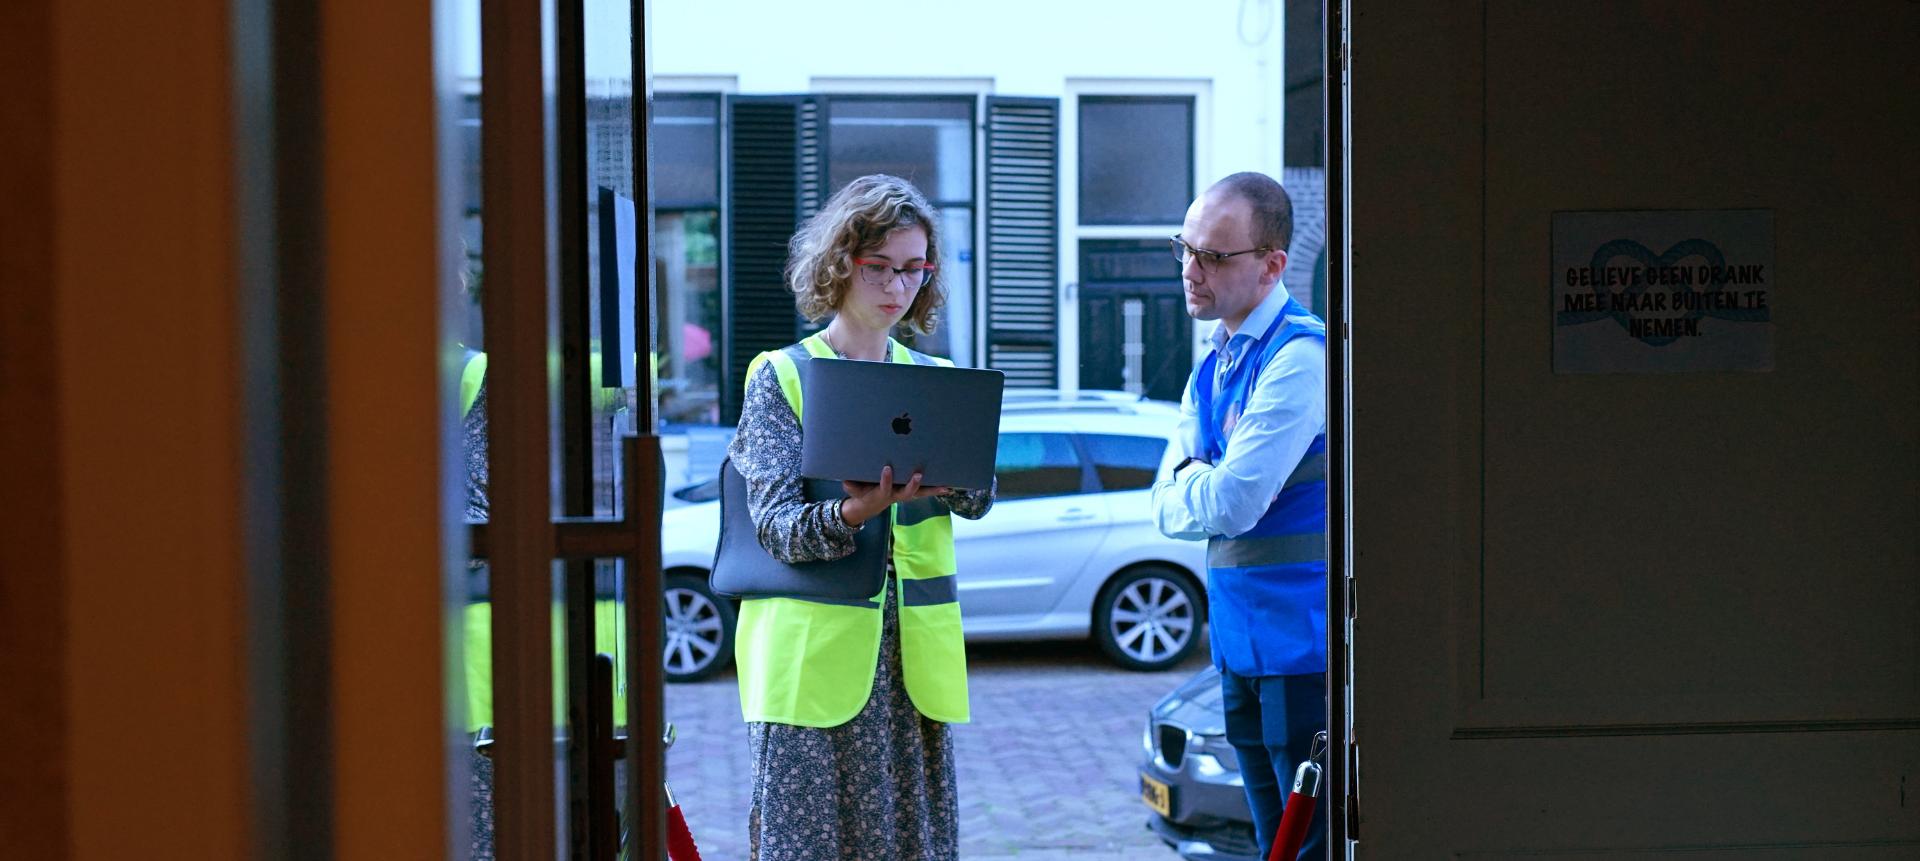 Facilitaire dienstverlening is ons primaire proces gericht op uw organisatie.